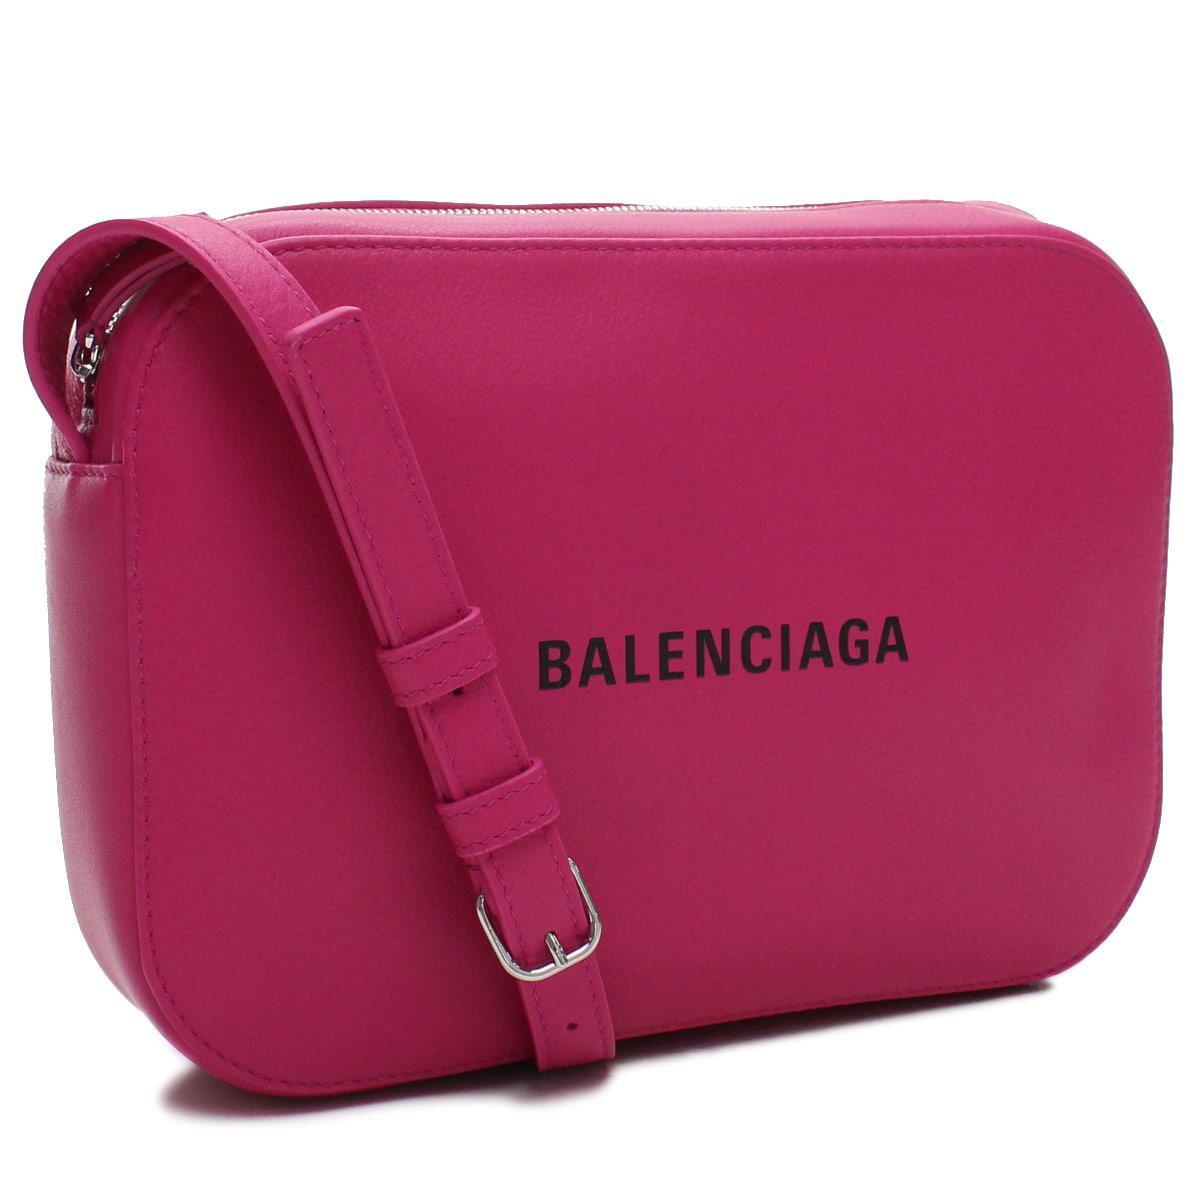 バレンシアガ BALENCIAGA EVERYDAY エブリデイ 斜め掛け ショルダーバッグ 552370 D6W2N 5560 ピンク系 レディース